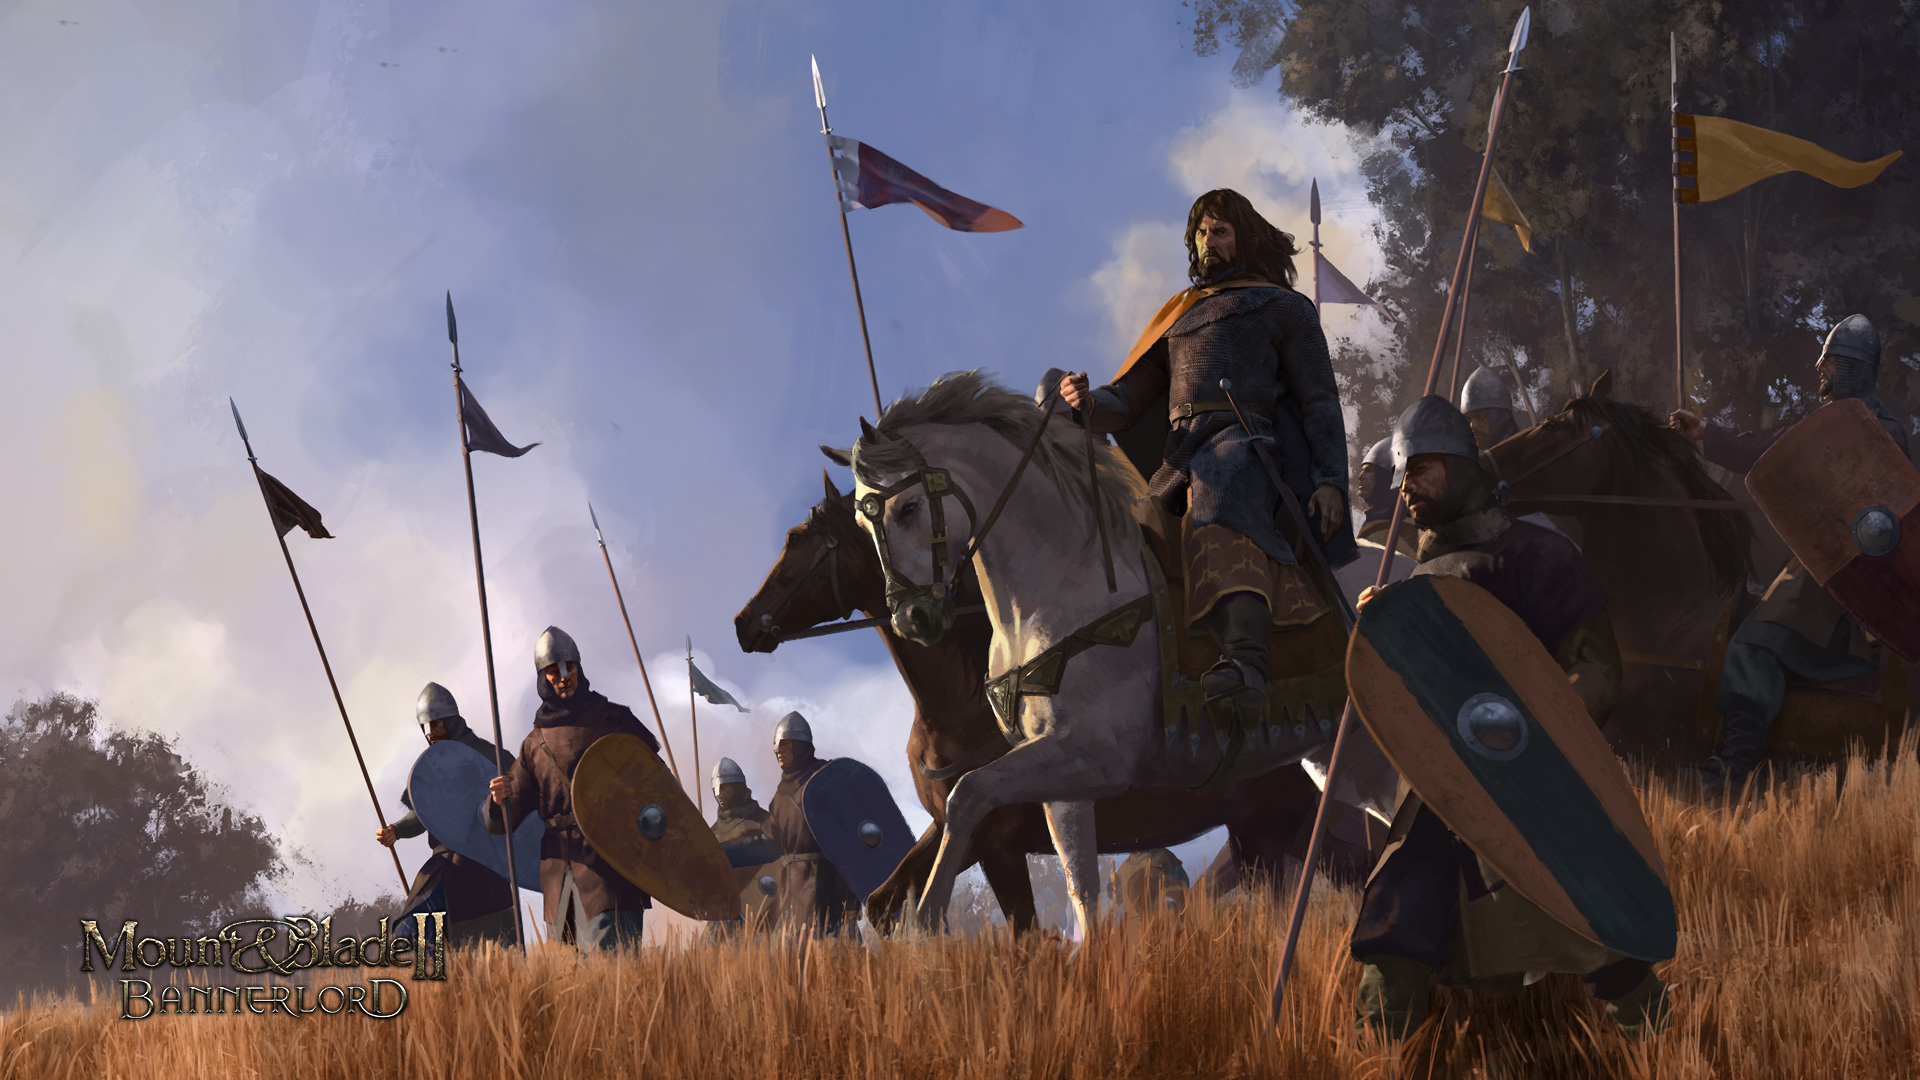 骑马与砍杀2:霸主 国家与派系公布